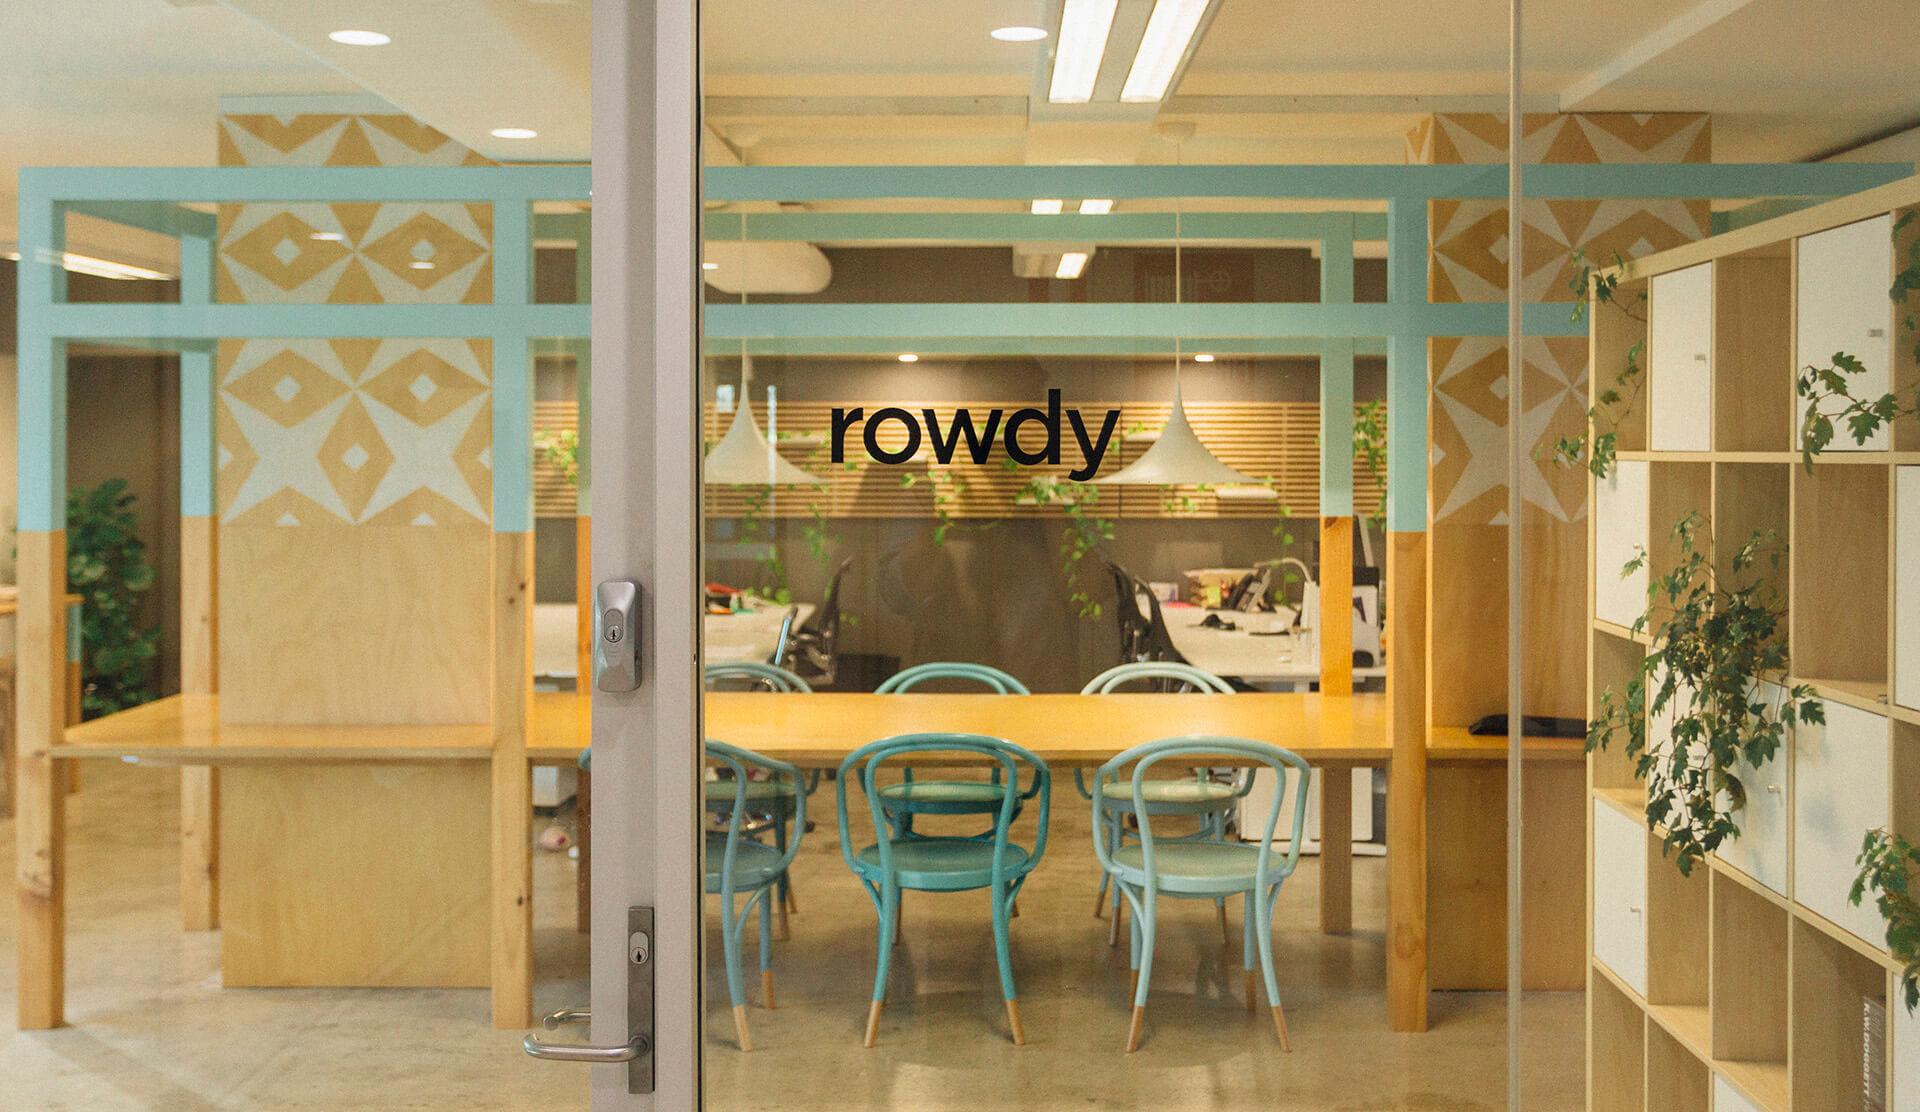 Window looking inside of the Rowdy Inc office